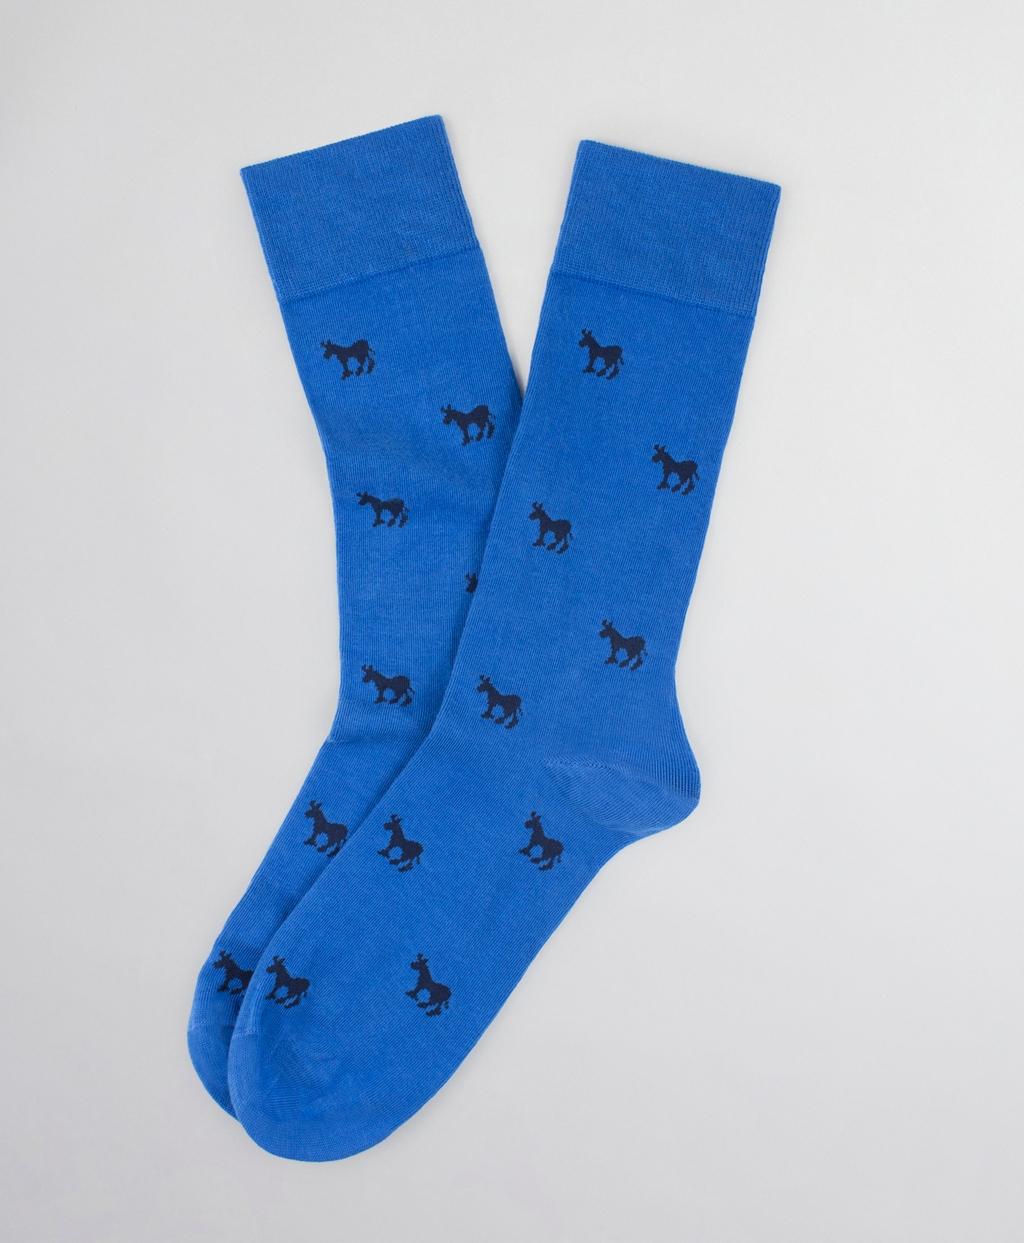 Donkey-Patterned Socks